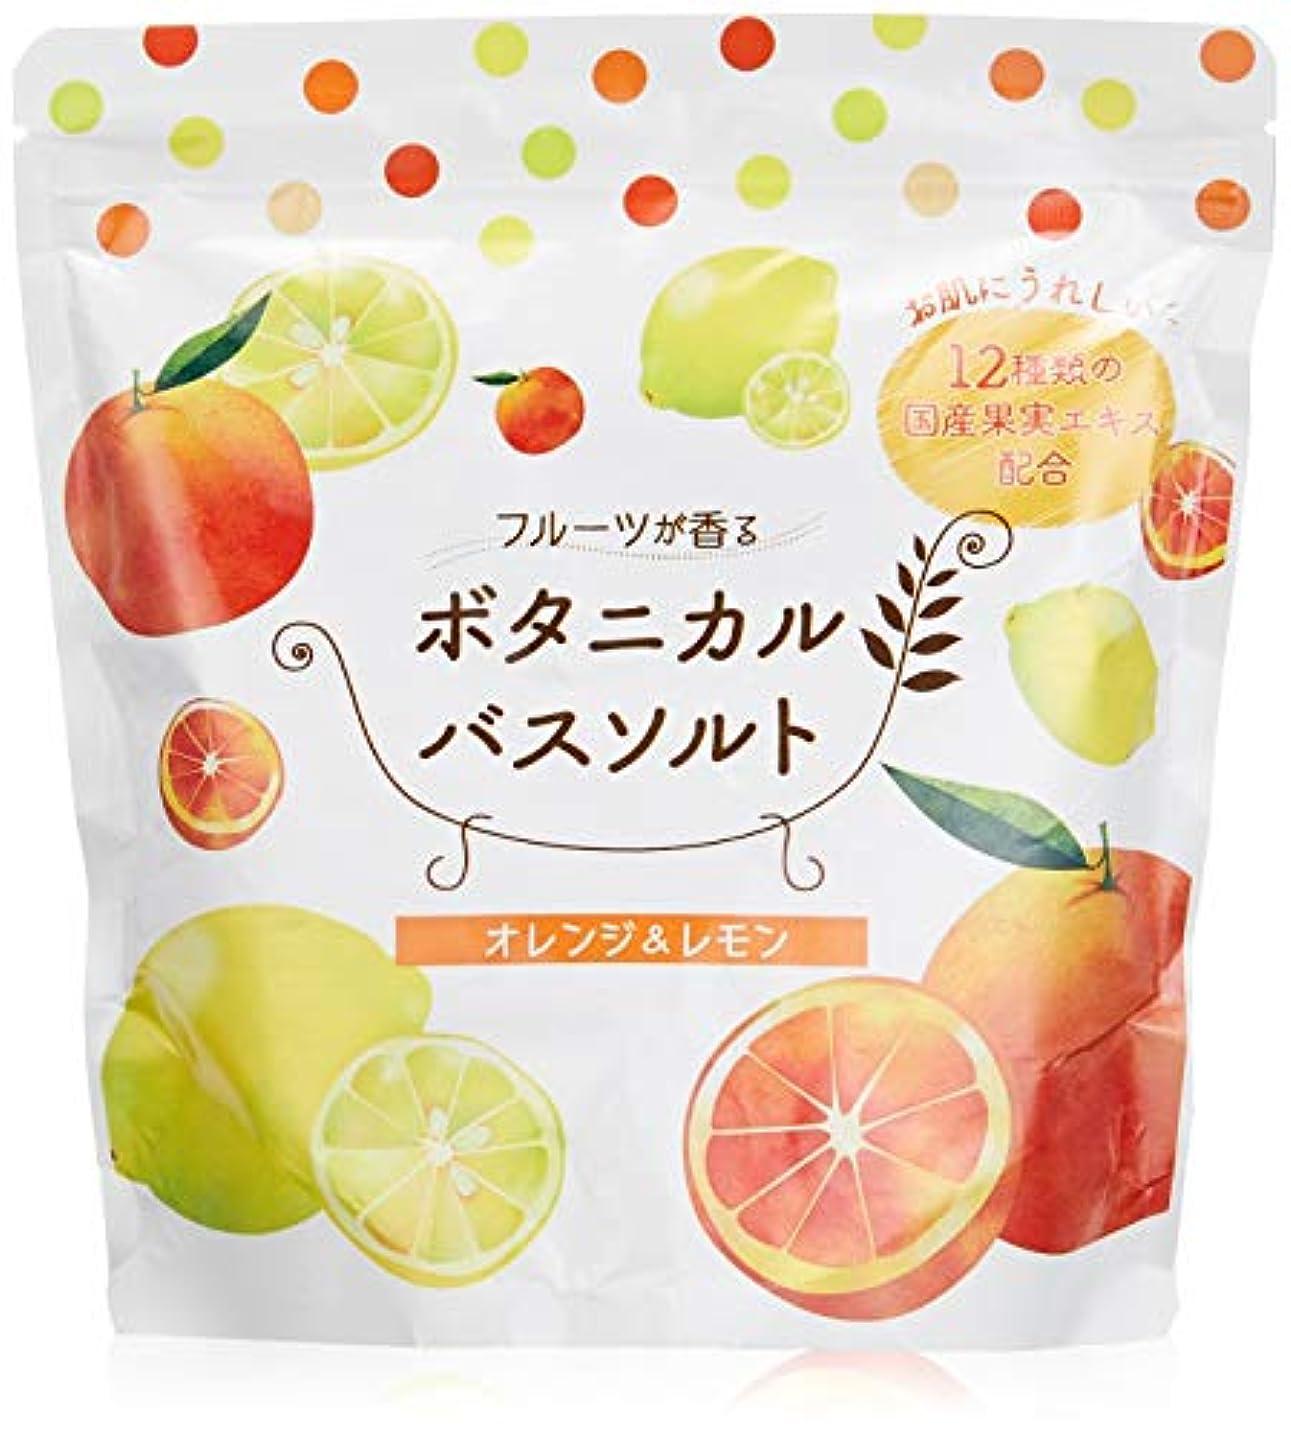 馬鹿げた楽しい日記松田医薬品 フルーツが香るボタニカルバスソルト 入浴剤 オレンジ レモン 450g